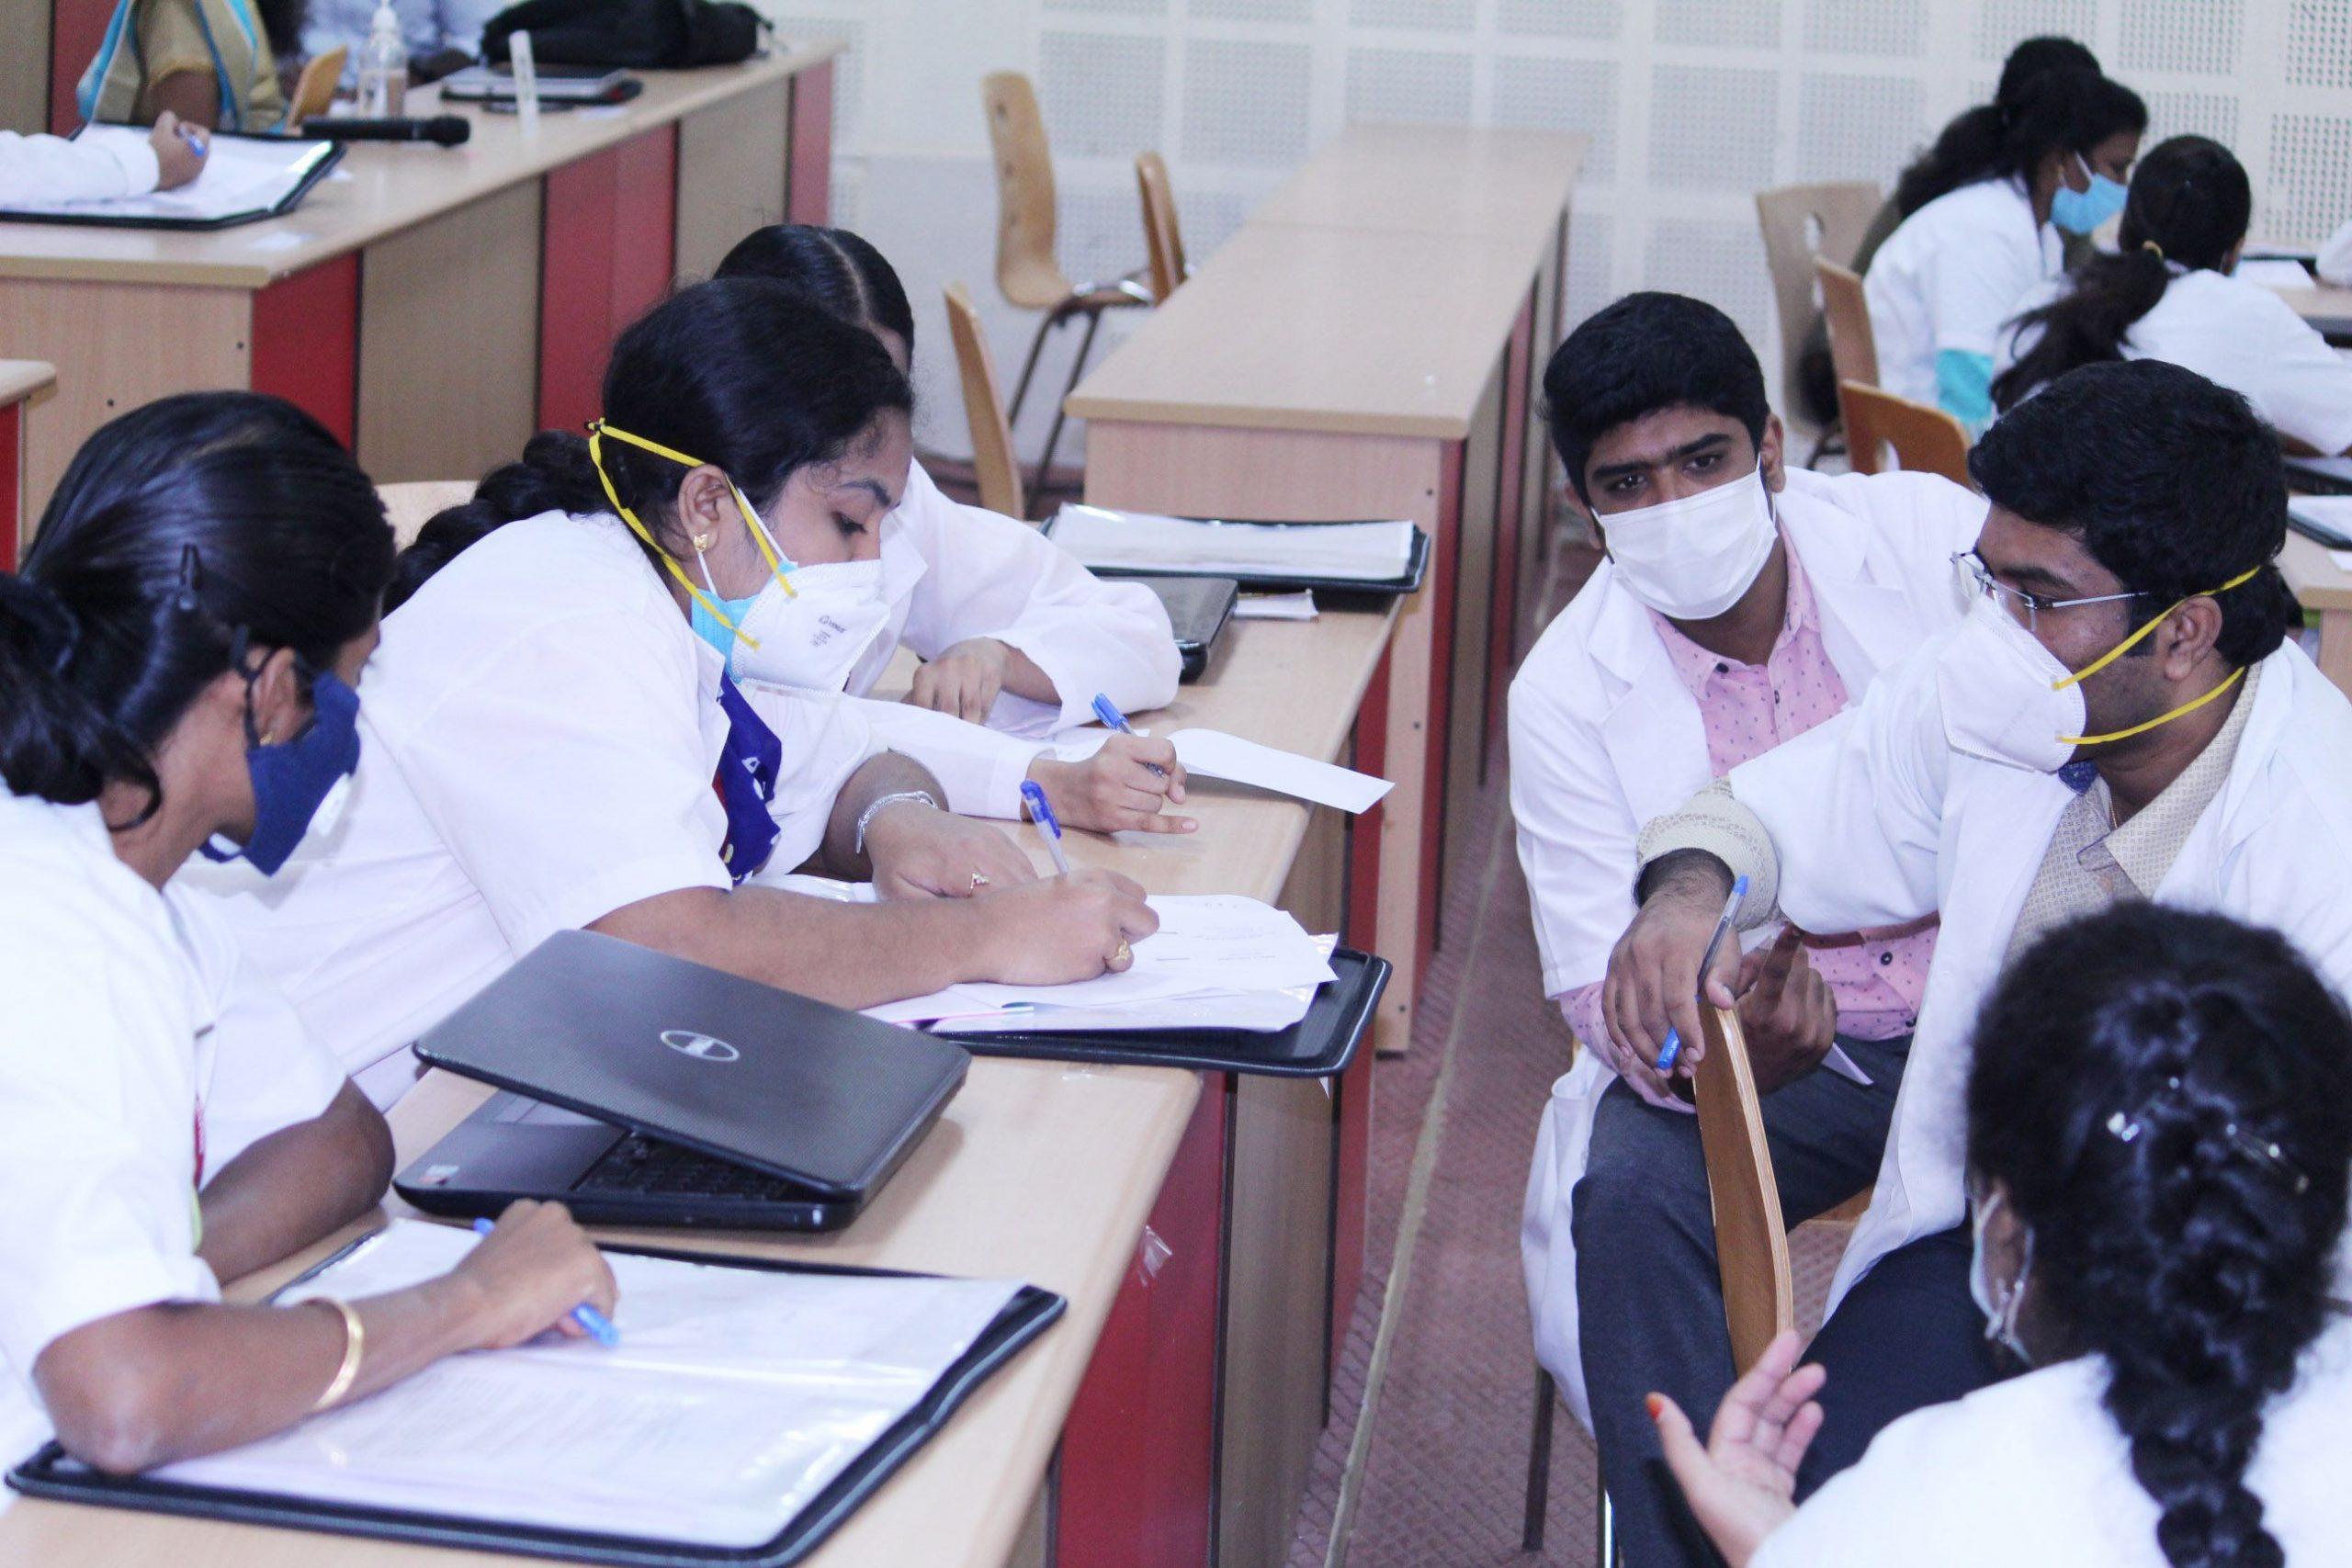 Melmaruvathur Adhiparasakthi Institute of Medical Sciences & Research